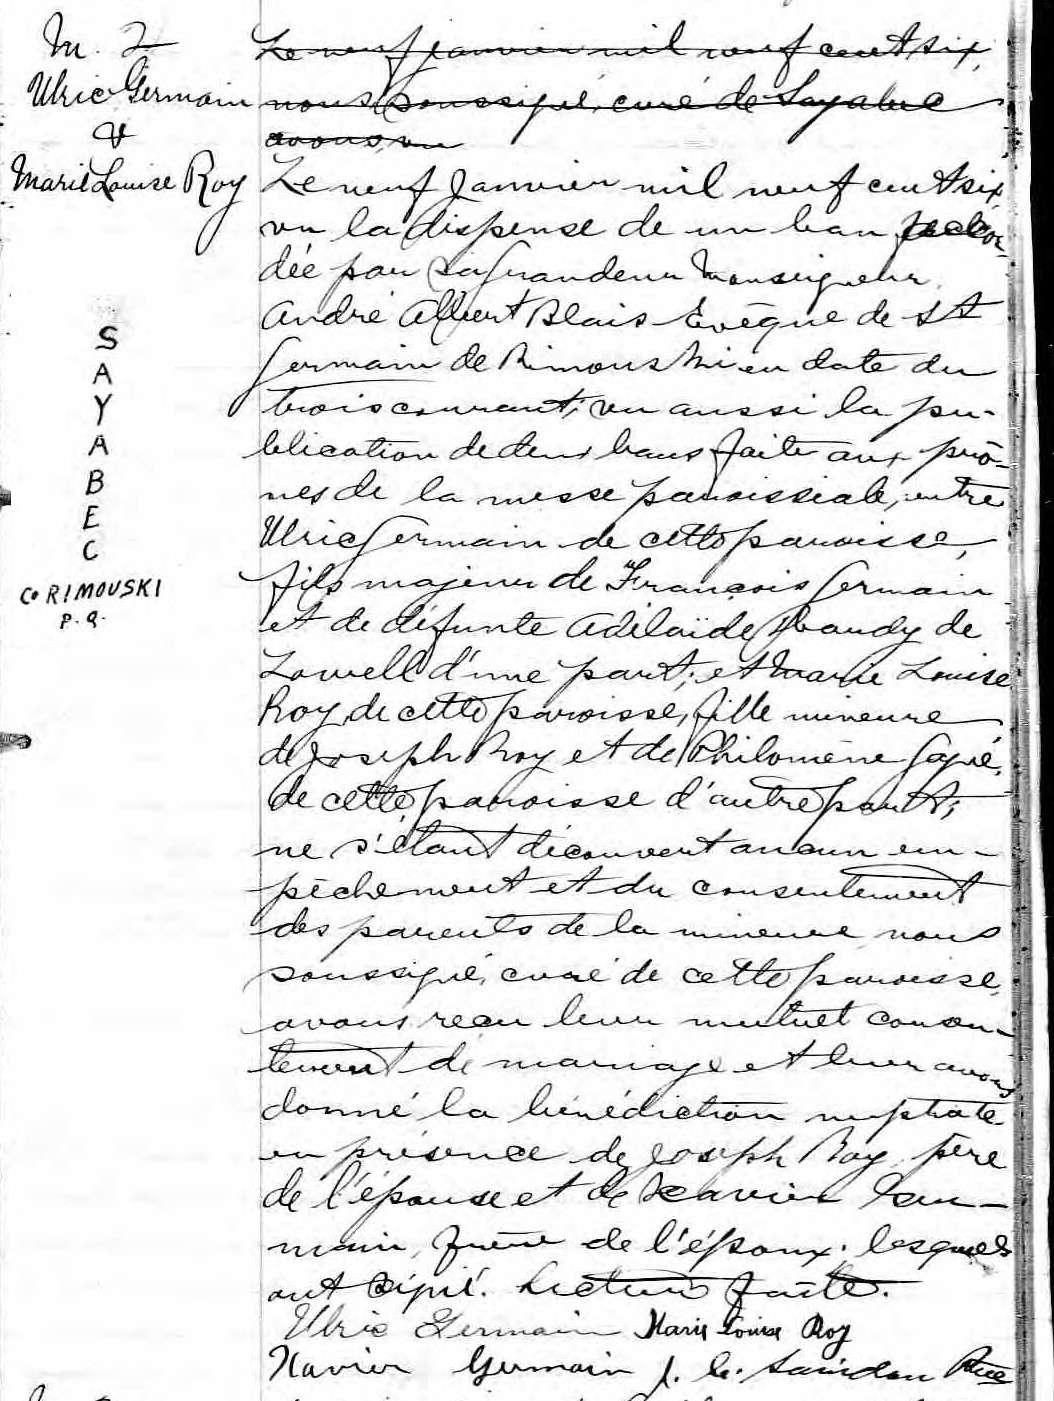 Ulric Germain pendu en 1927 à Rimouski pour le meurtre de son épouse D13p_121